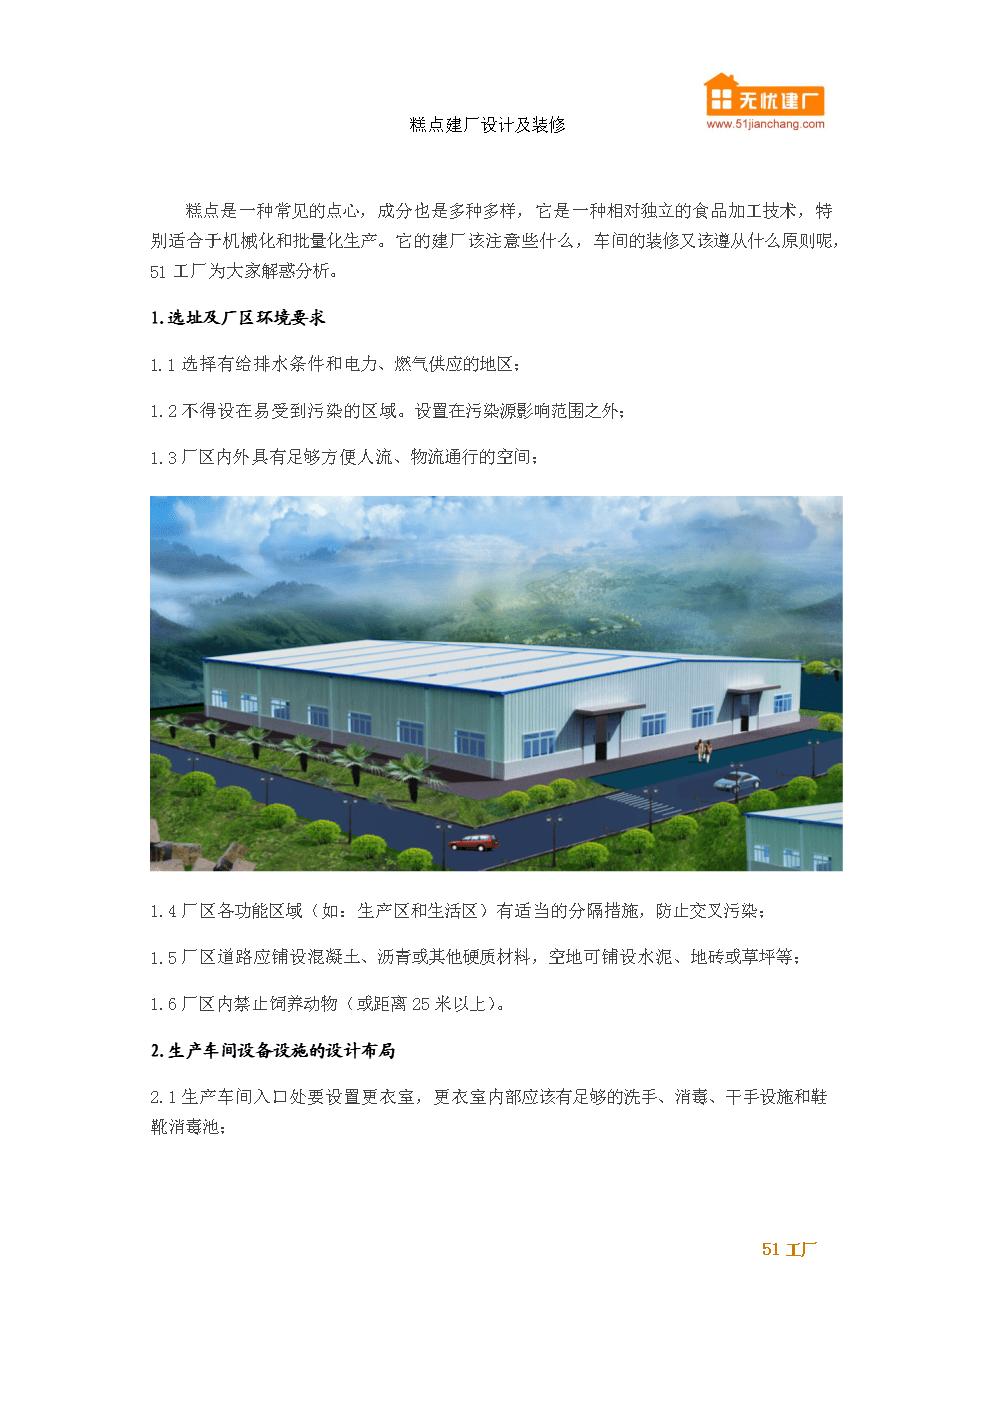 糕点建厂设计及装修要求.docx